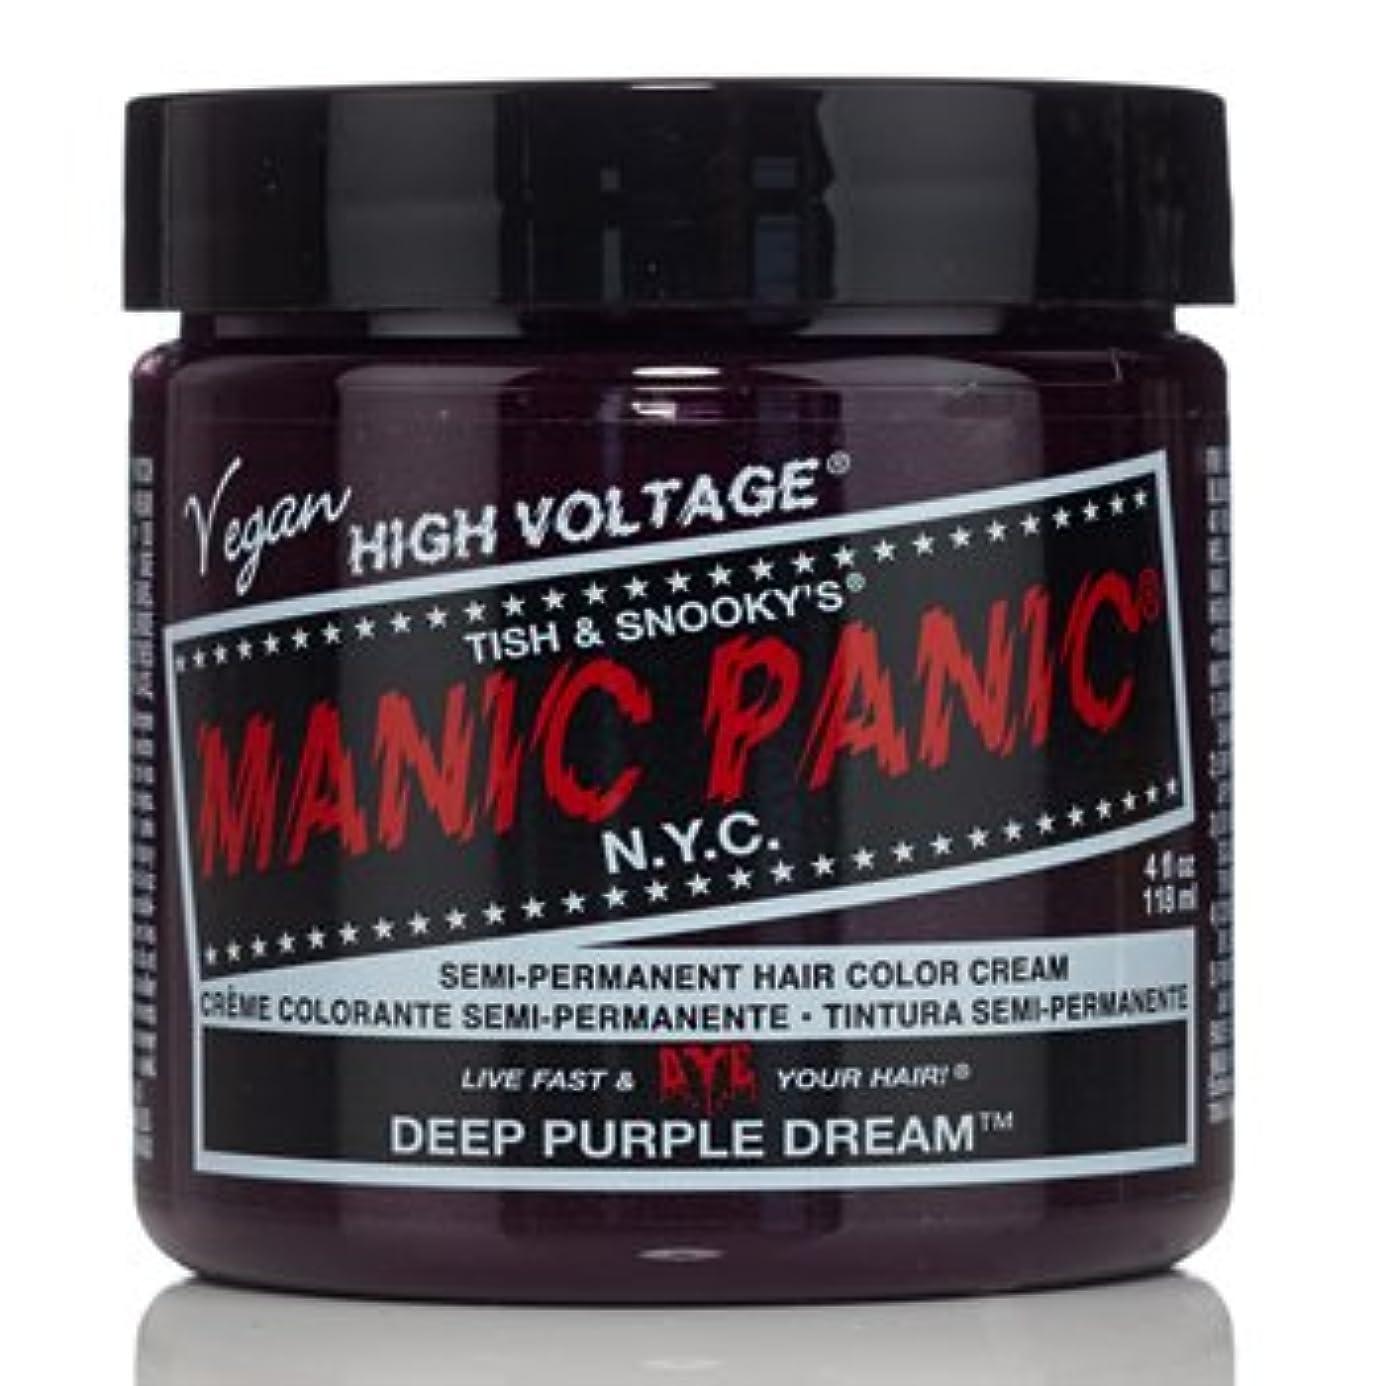 ドラムピジン薬【3個セット】MANIC PANIC マニックパニック ディープパープルドリーム MC11048 118ml